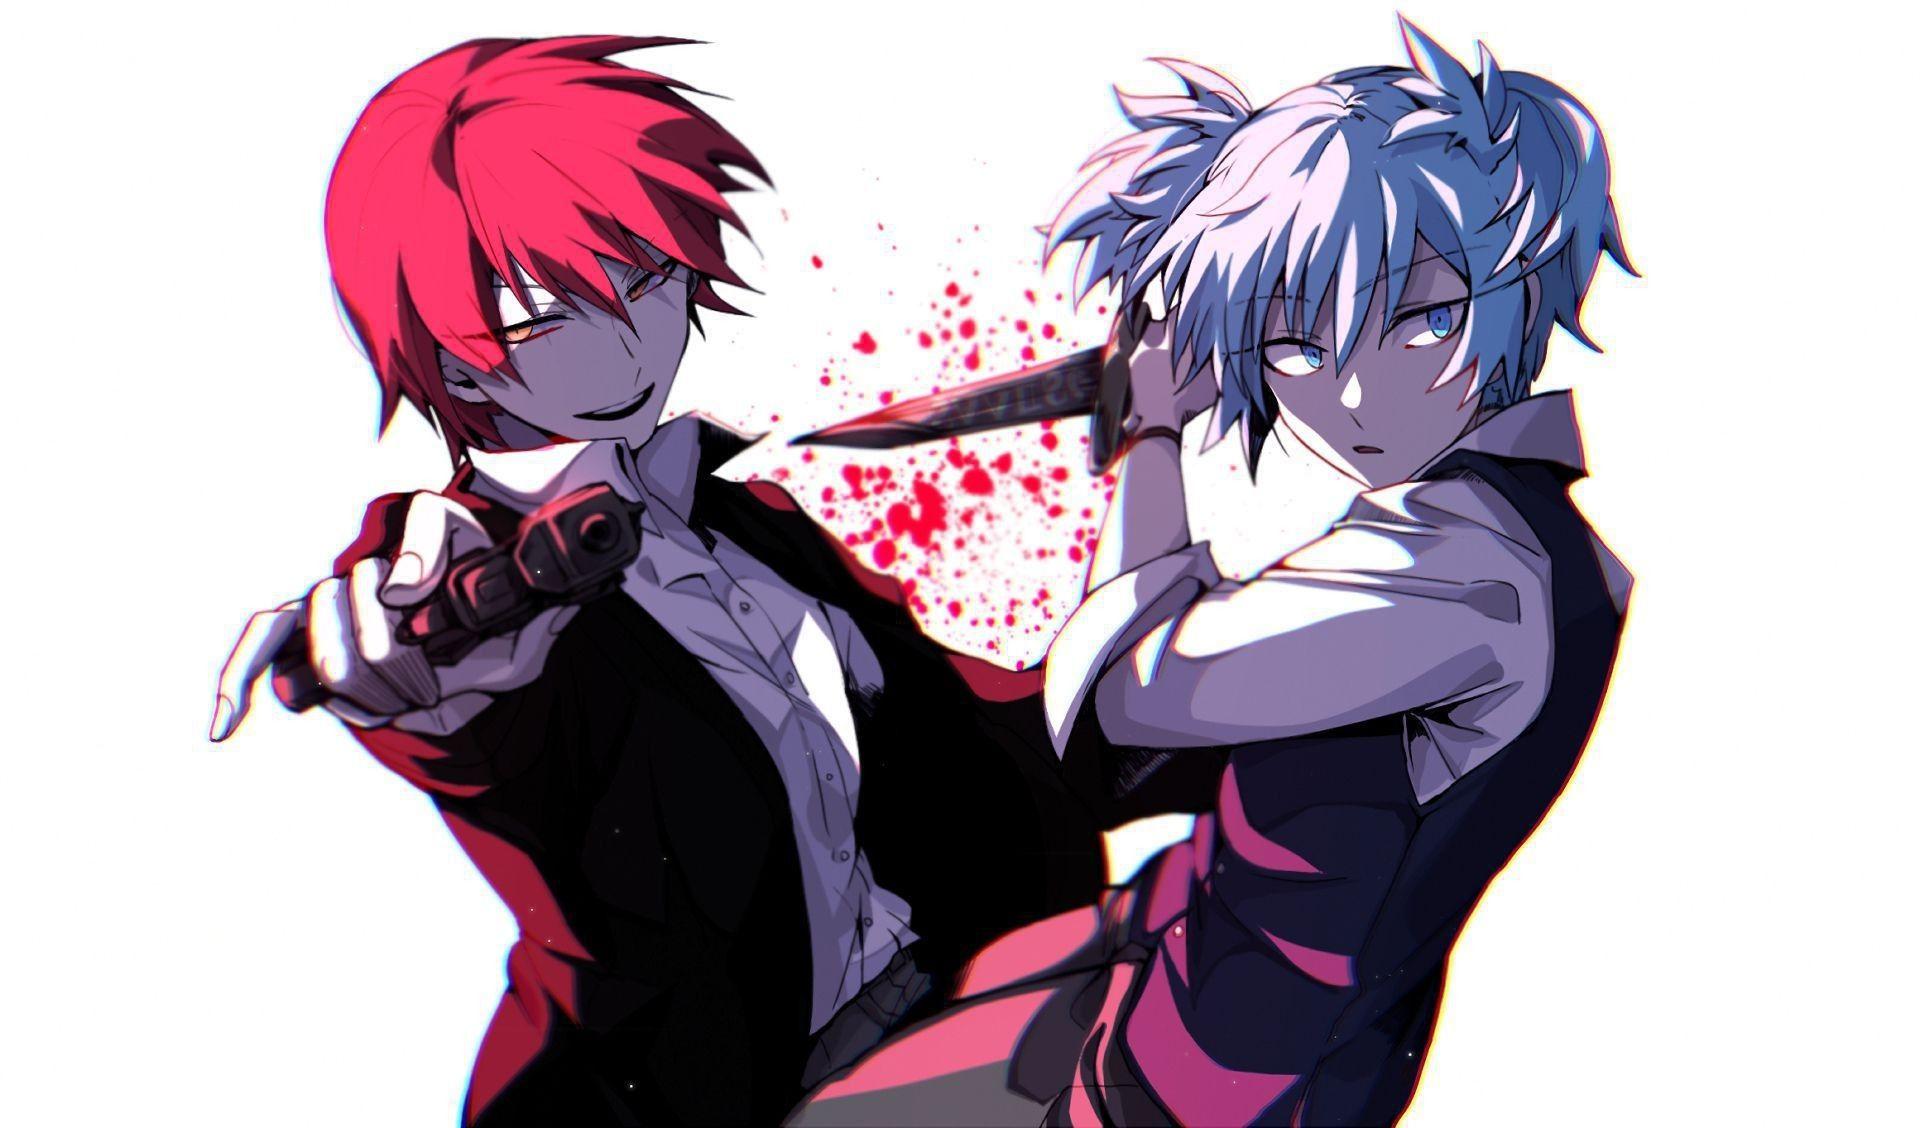 Assassination Classroom Wallpaper Hd 87 Images Nagisa And Karma Assassination Classroom Assasination Classroom